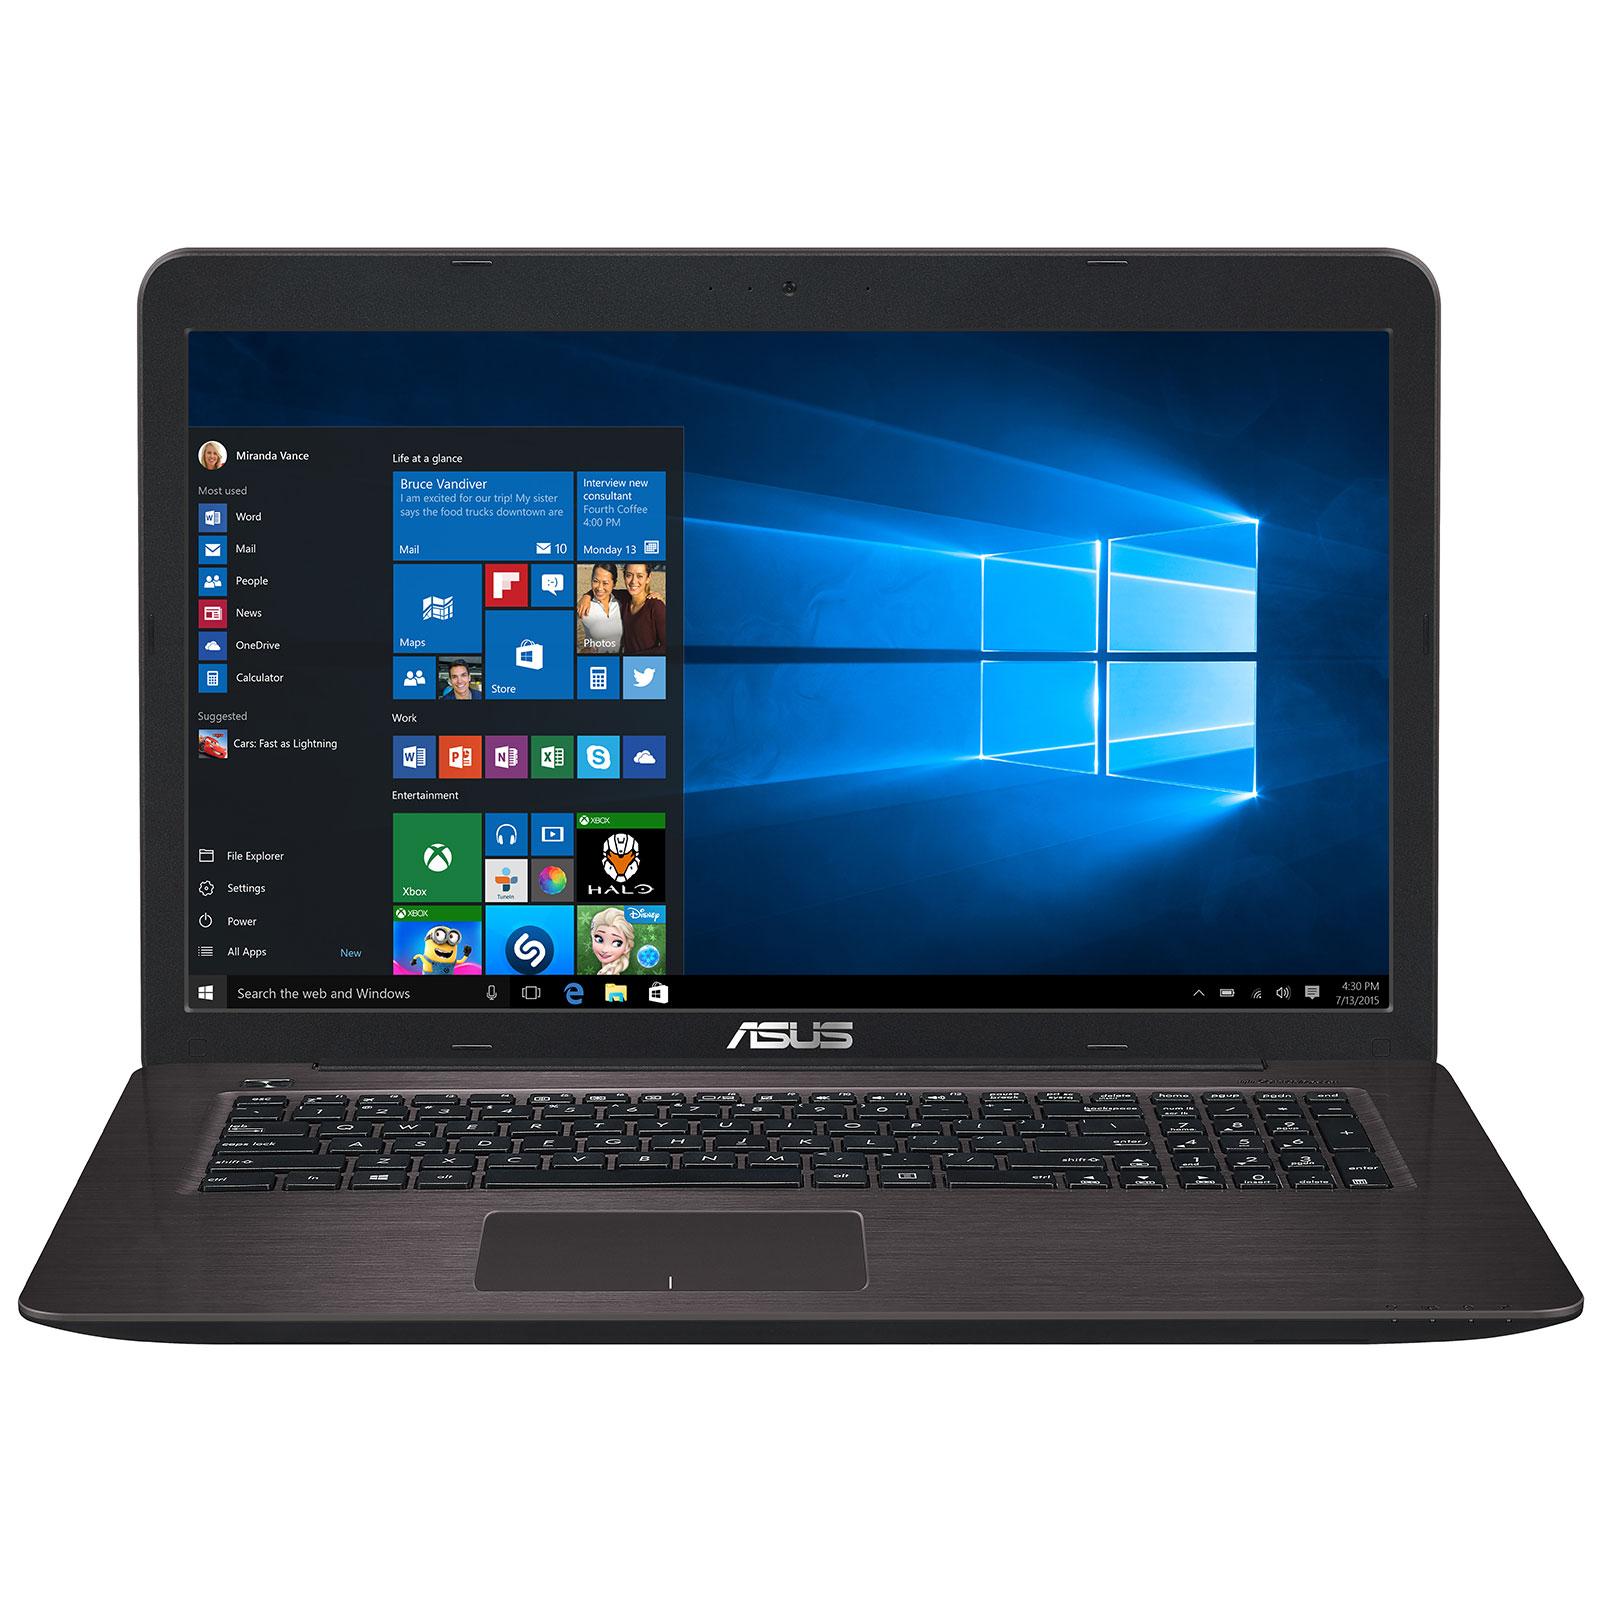 Asus P2740UV-T4328R - PC portable Asus - Cybertek.fr - 1